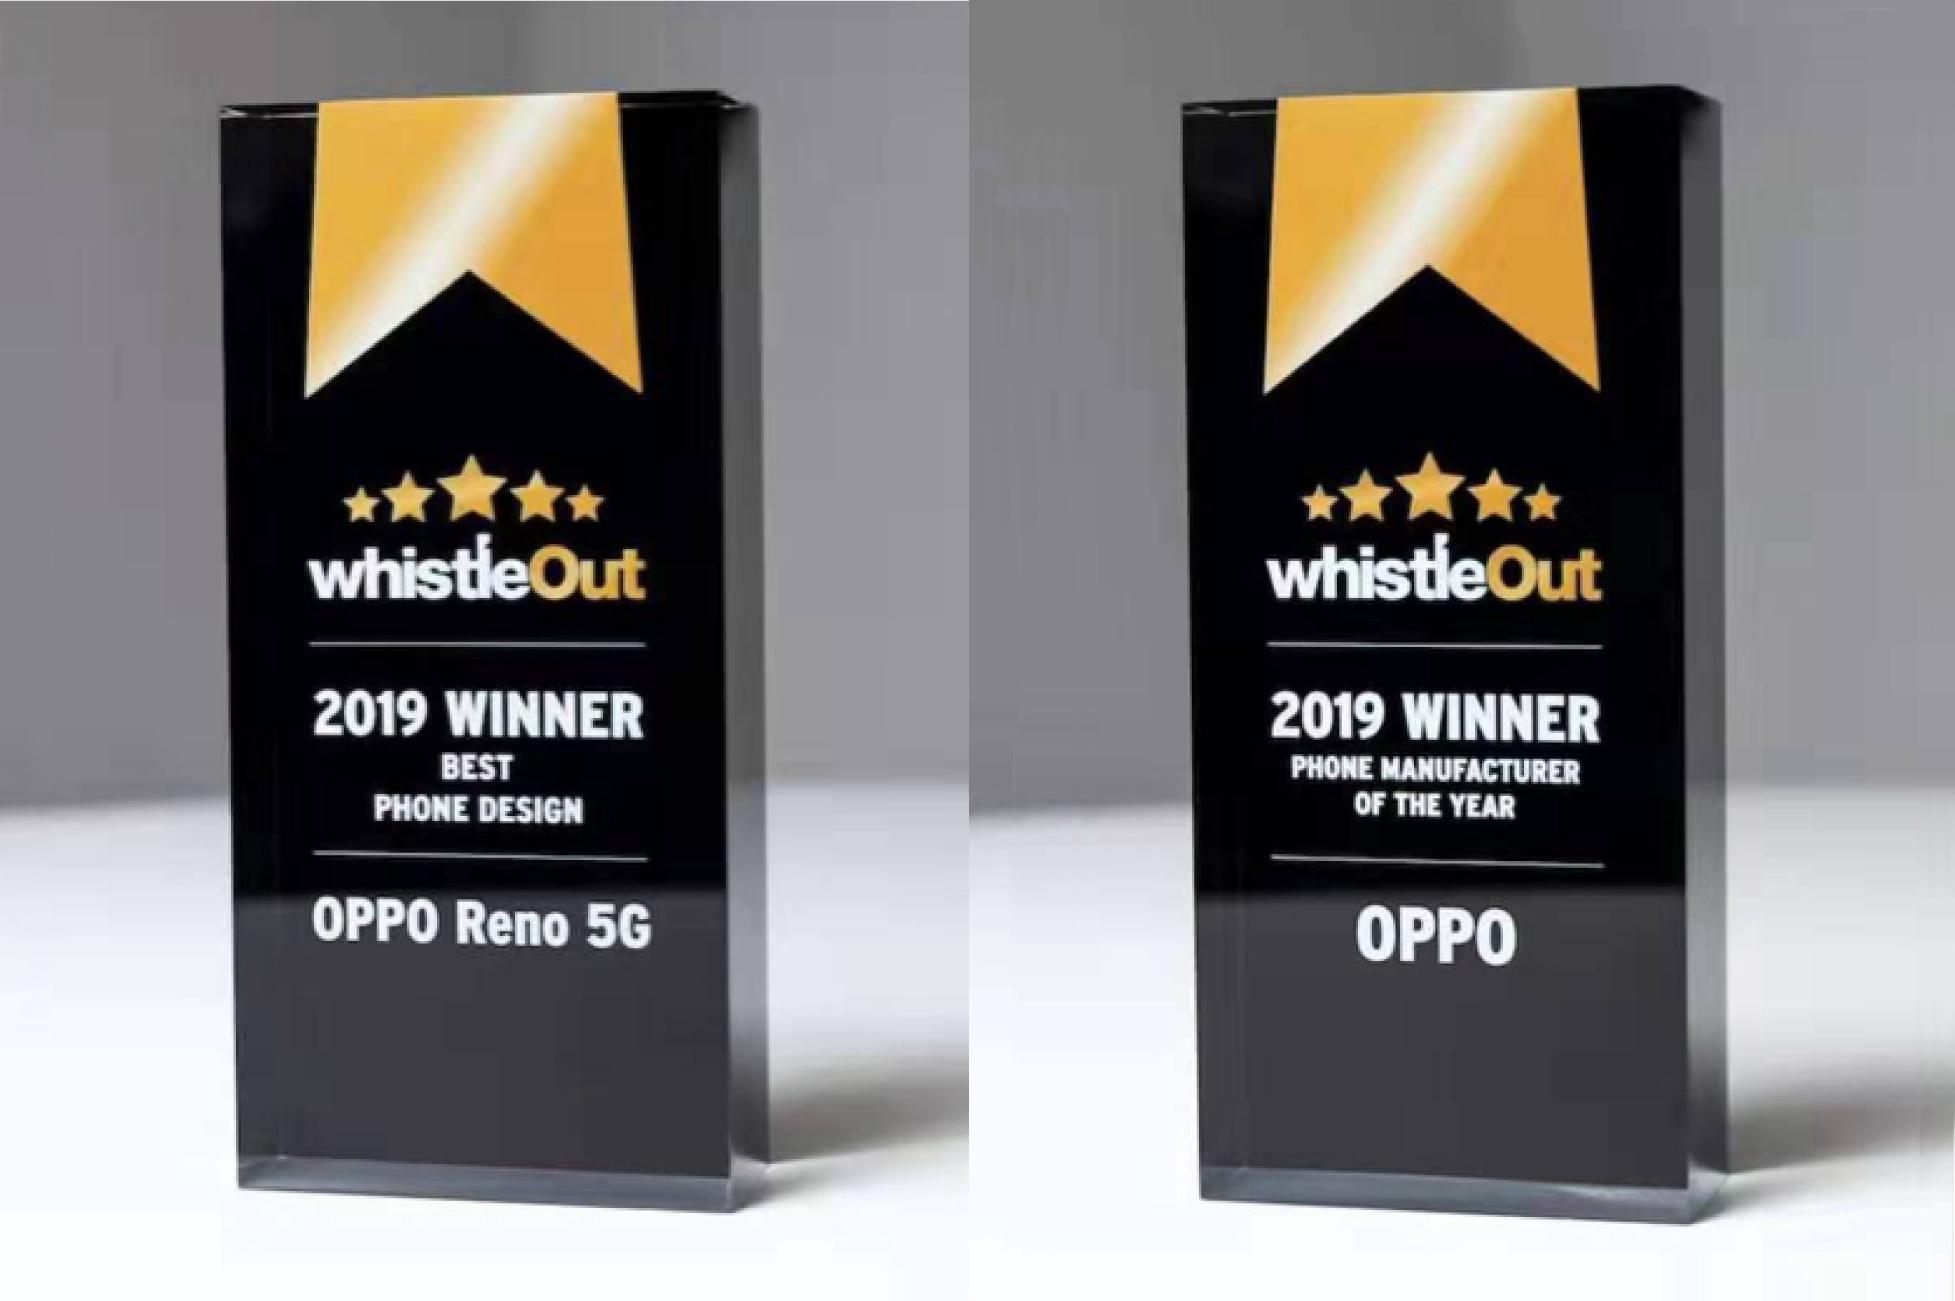 OPPO、2019年WhistleOut最優秀スマートフォンメーカーおよび最優秀スマートフォンデザインに選出